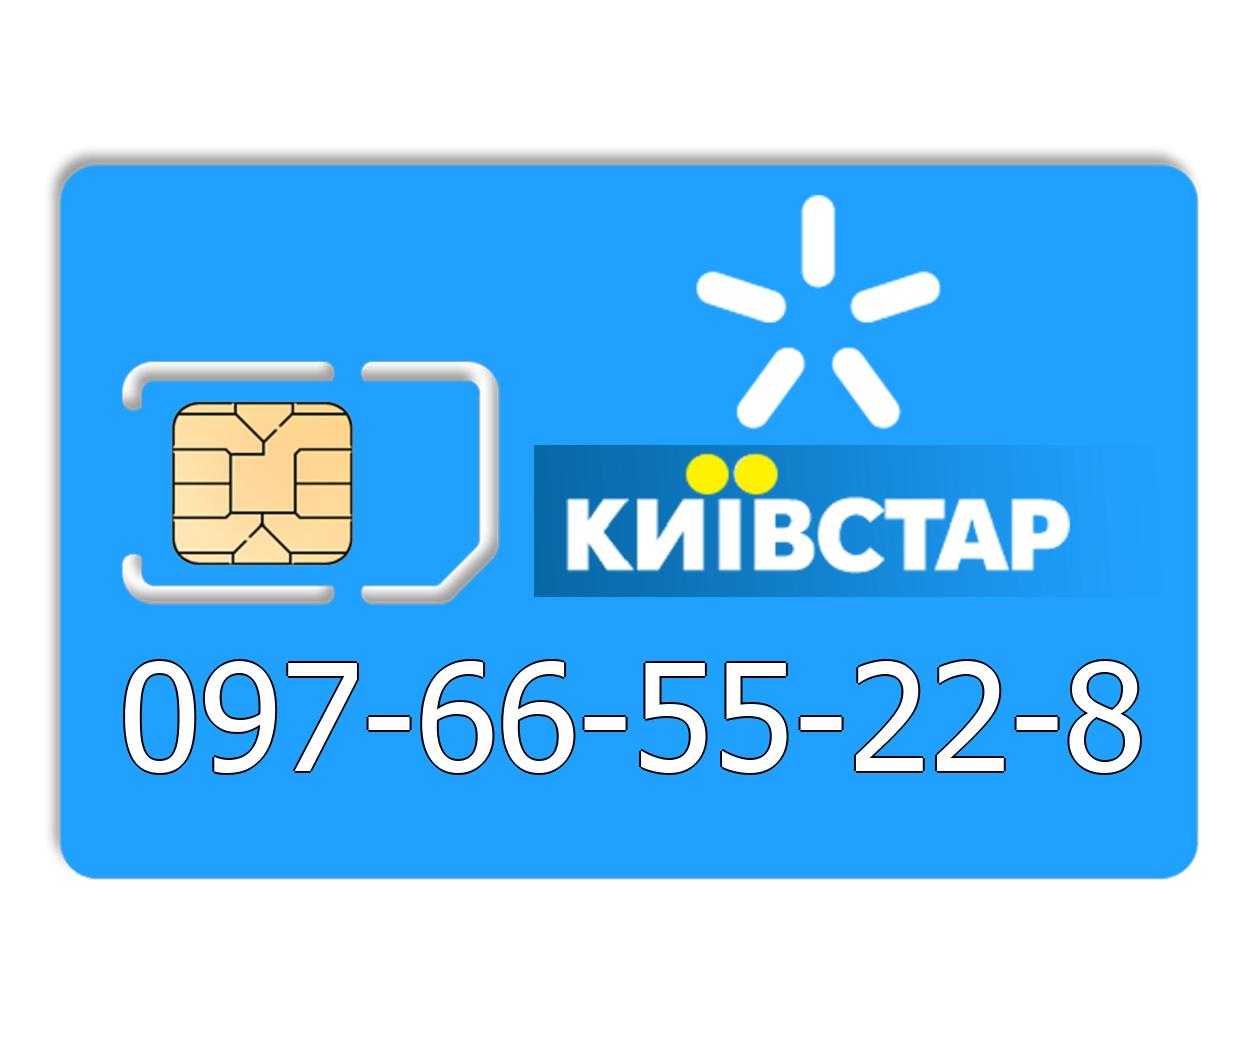 Красивый номер Киевстар 097-66-55-22-8